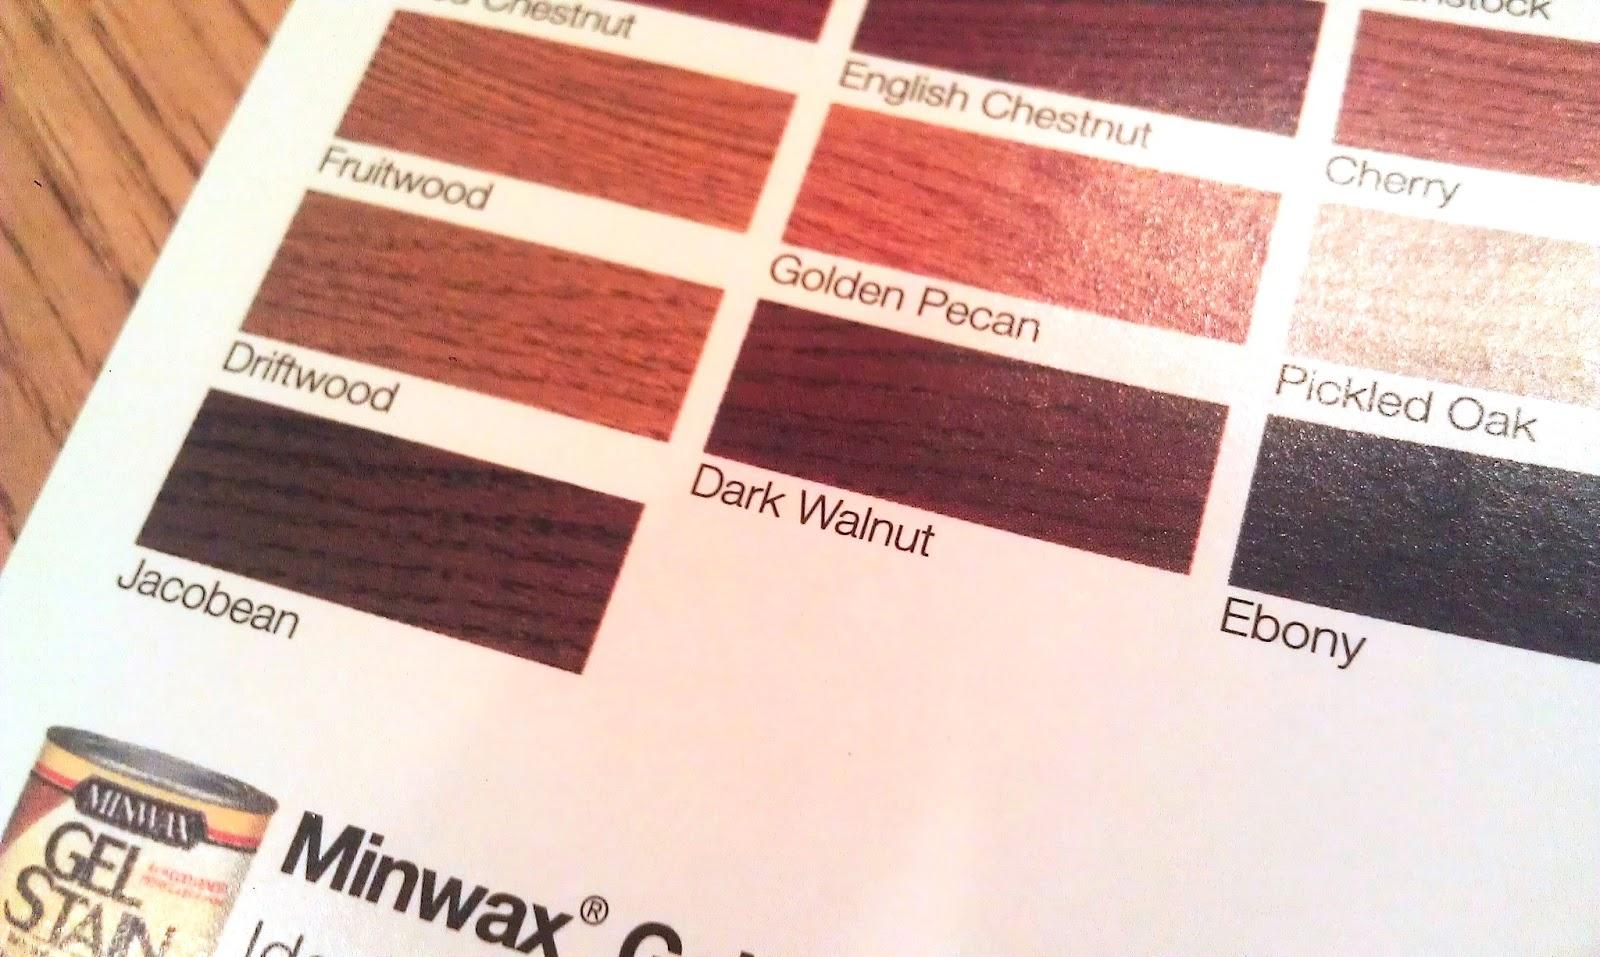 Dark walnut floor stain - Tuesday July 23 2013